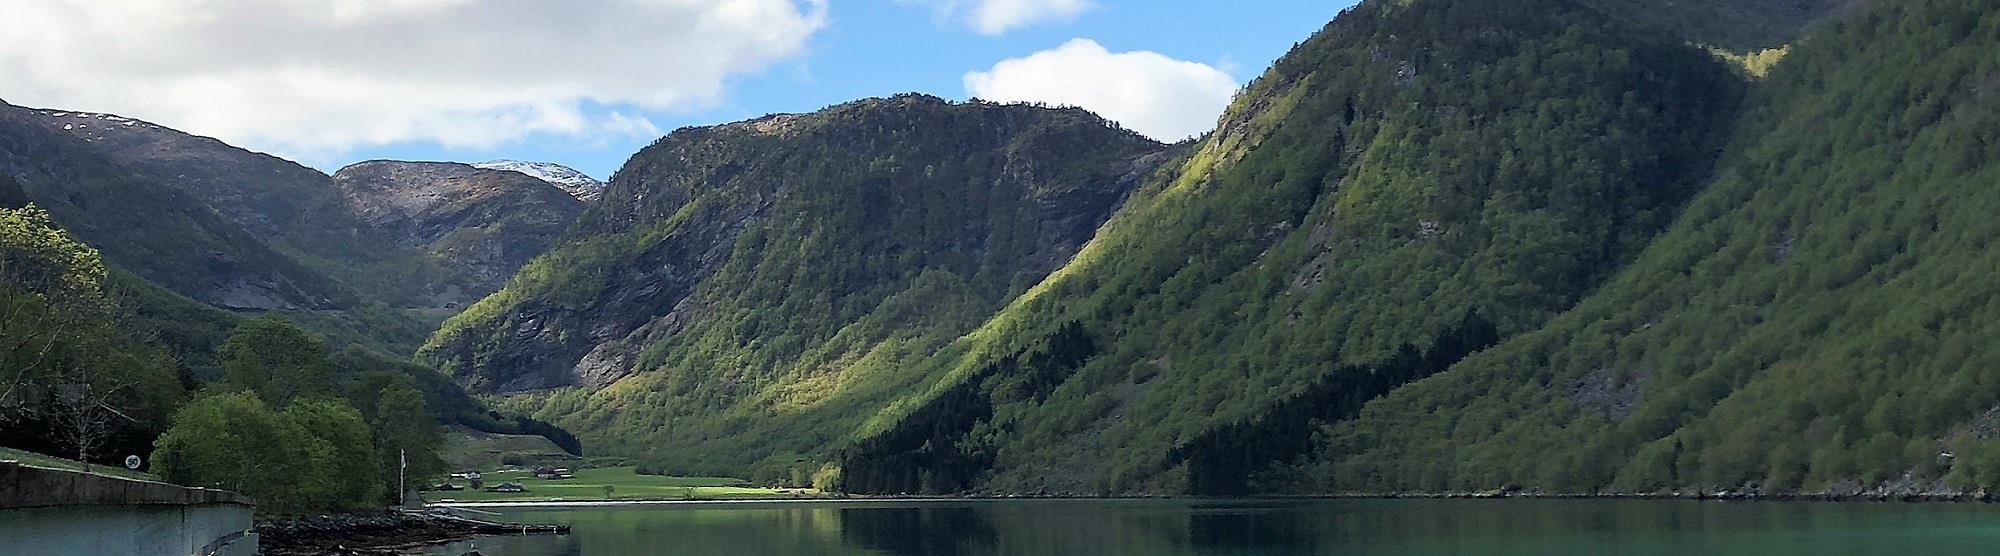 Fjordwelt jenseits der Hauptstraßen